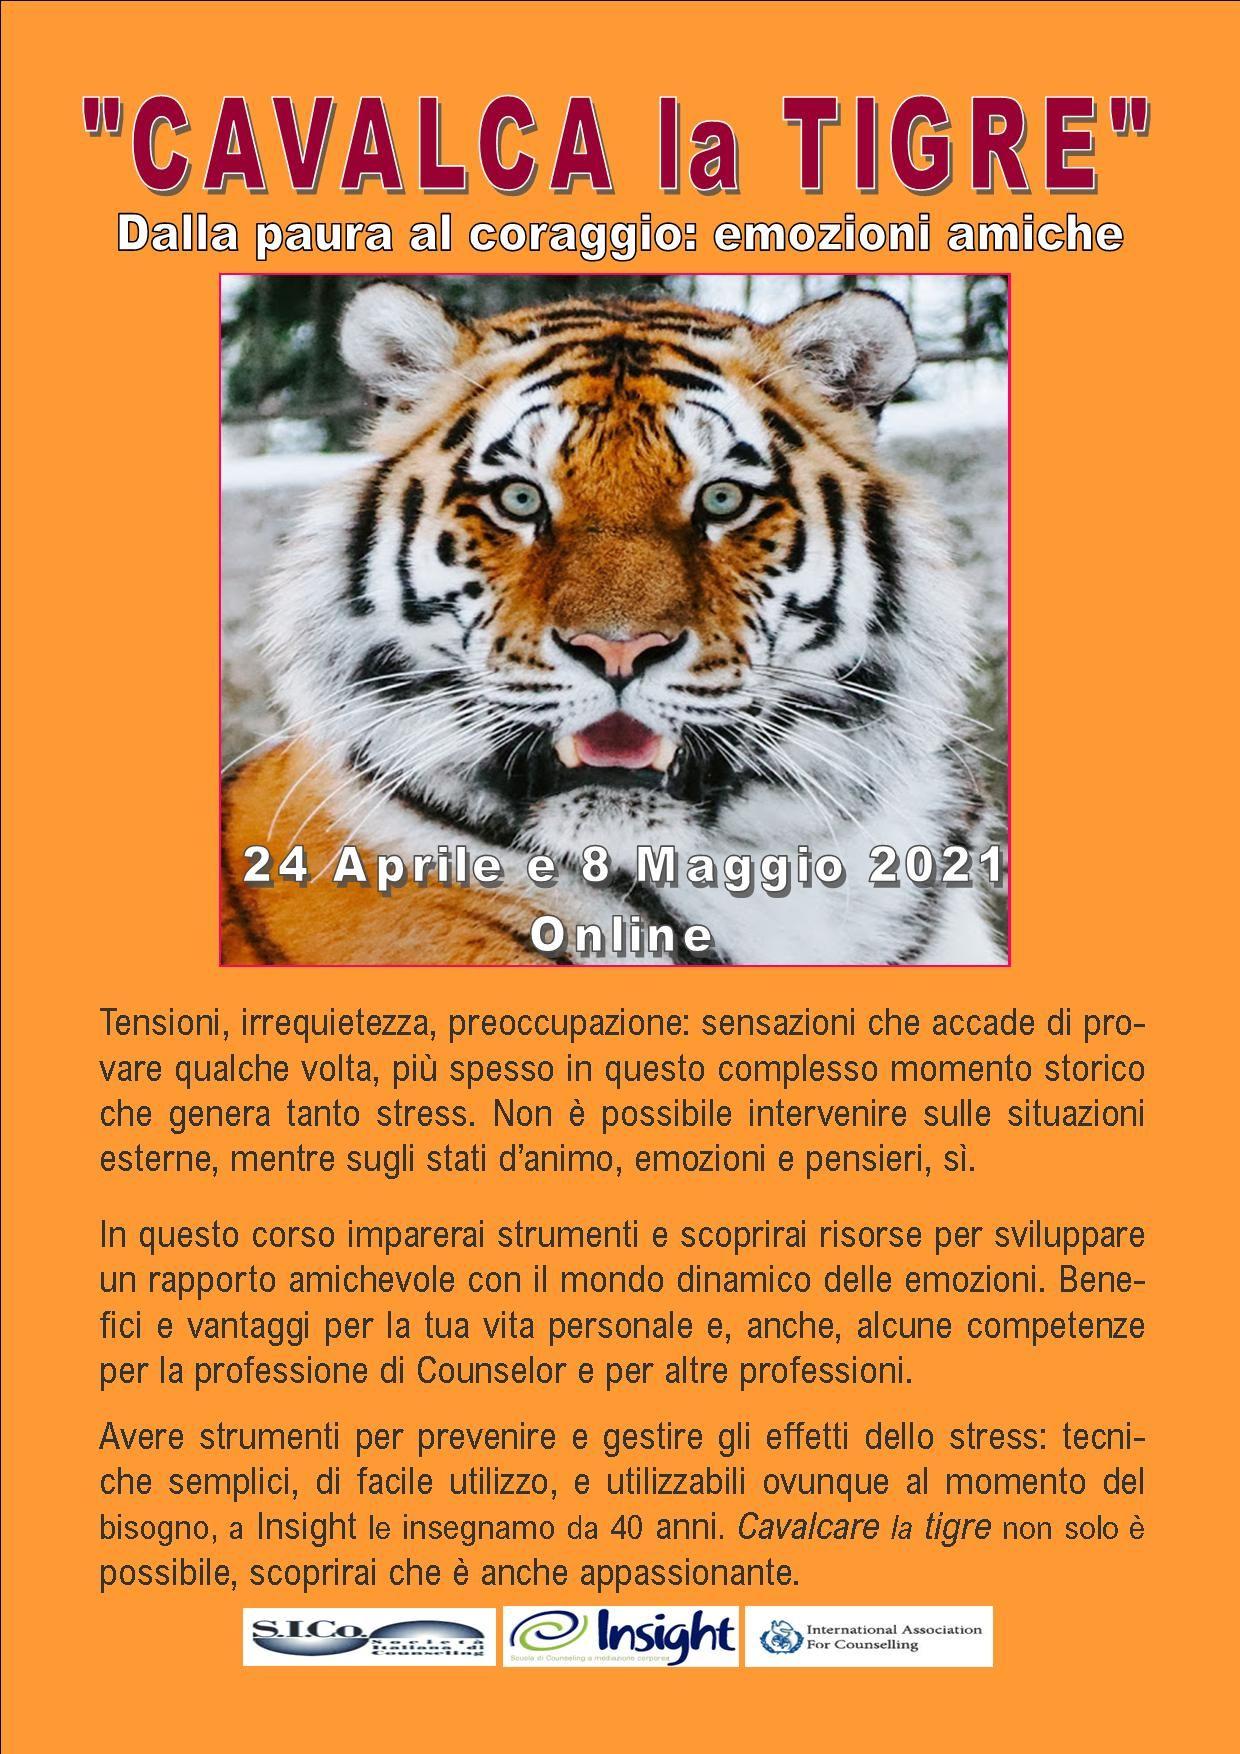 """24 aprile e 08 maggio 2021 Online – """"CAVALCA la TIGRE"""" Dalla paura al coraggio: emozioni amiche  – INSIGHT BreathWork Counseling Mindfulness – Milano"""